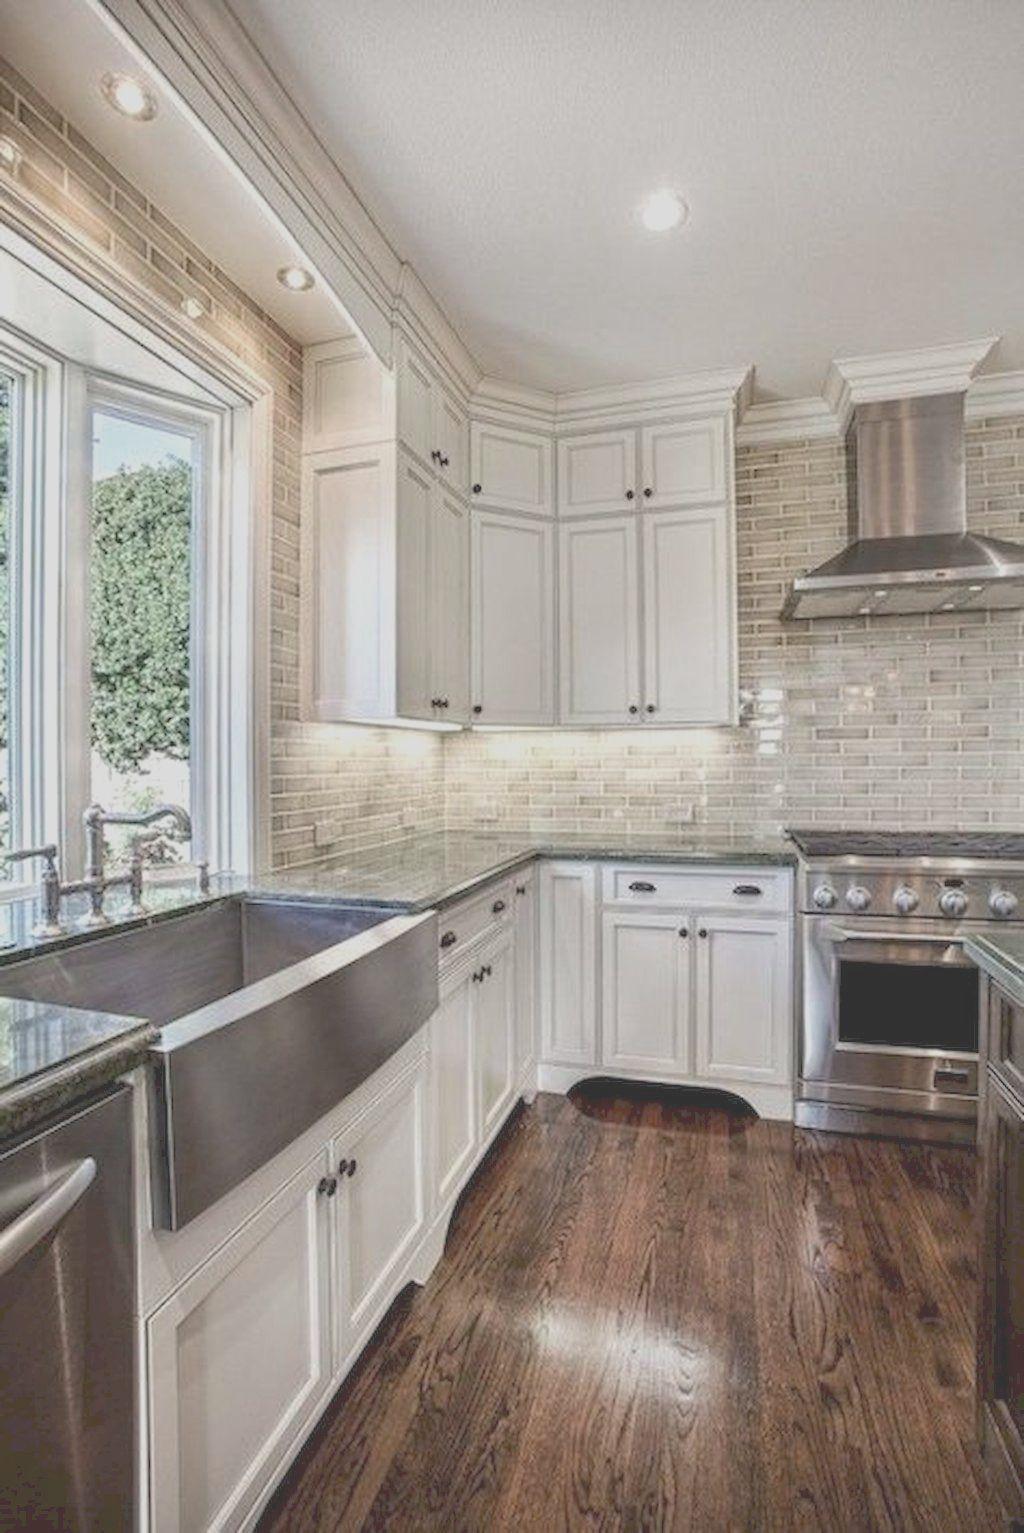 Adorable 80 Stunning Rustic Kitchen Cabinet Makeover Ideas Kitchen Backsplash Designs Kitchen Style Farmhouse Kitchen Design